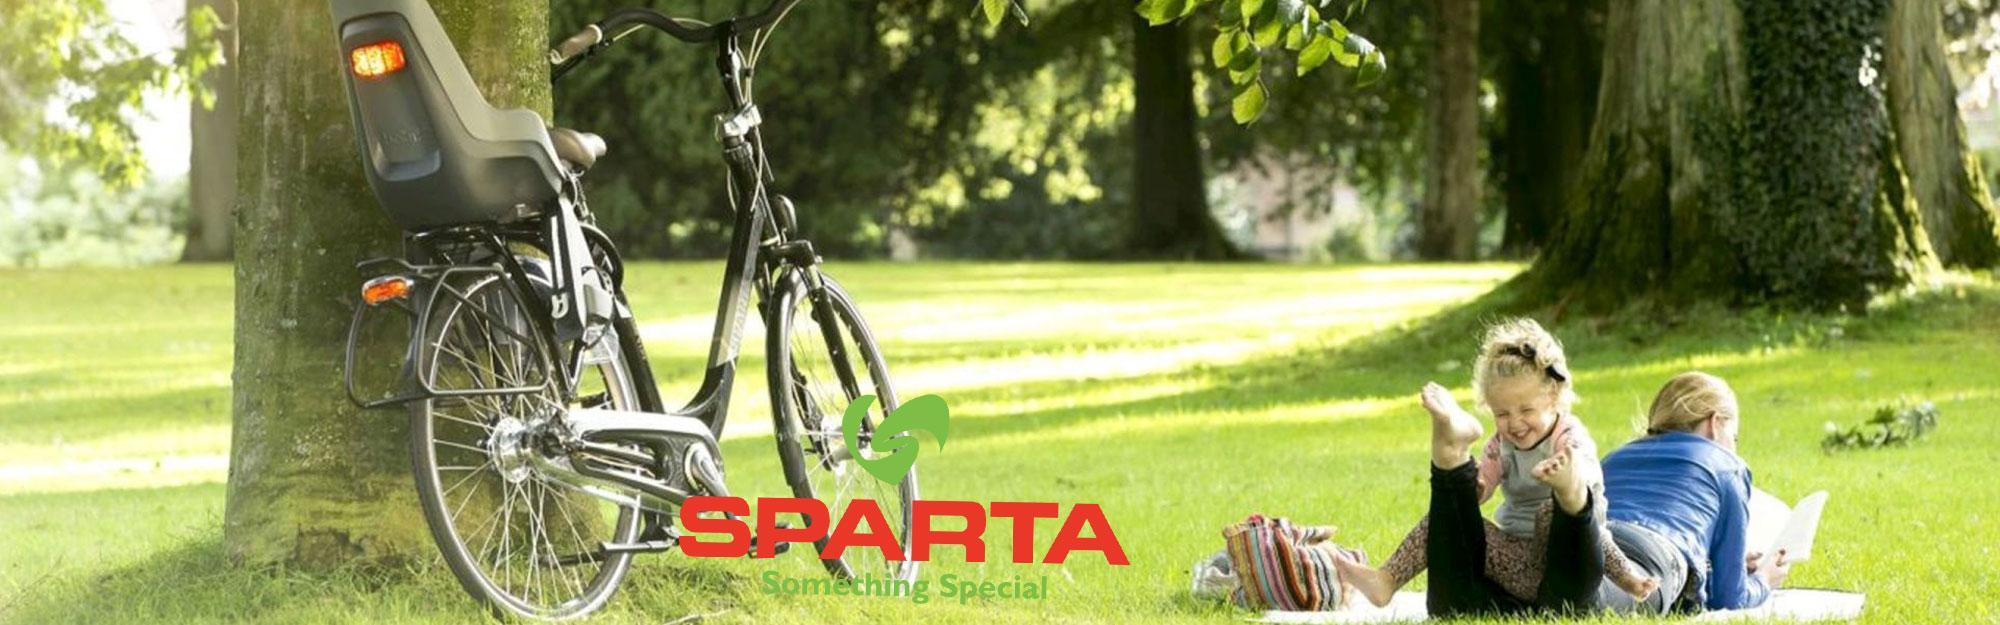 Sparta-Slide-2018-2000x625